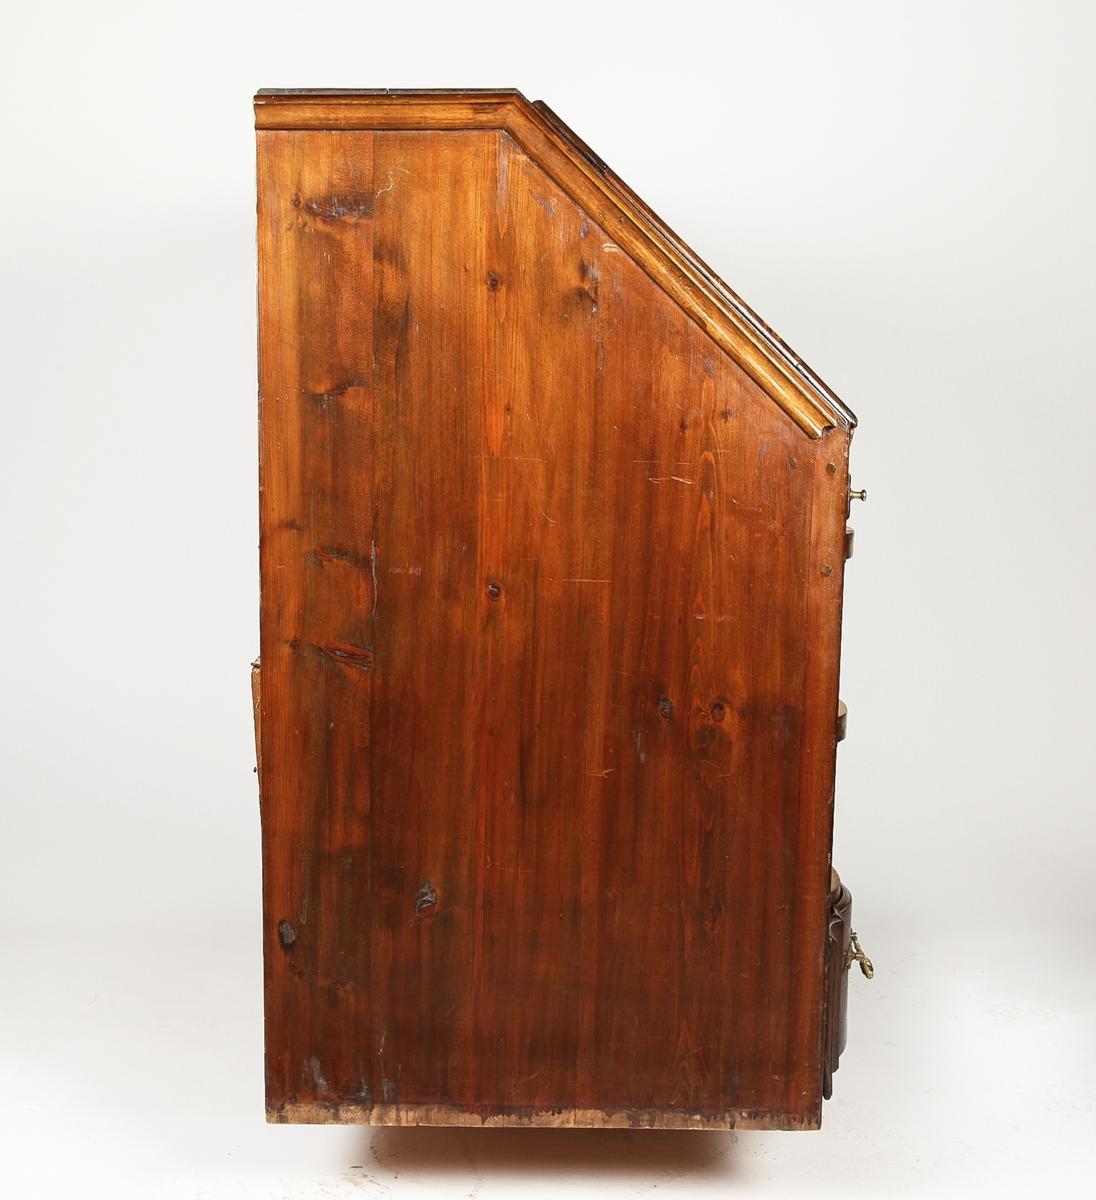 a.Skatoll med tre dype og en smal skuff. Sokkel og lokk med utskjæring/speil. Dype utskjæringer på skuffene. Regency-stil. Tilsynelatende datert til 1674, men sannsynligvis betydelig yngre. Messing håndtak og beslag. b.Sokkel med ben. c-f.Skuffer